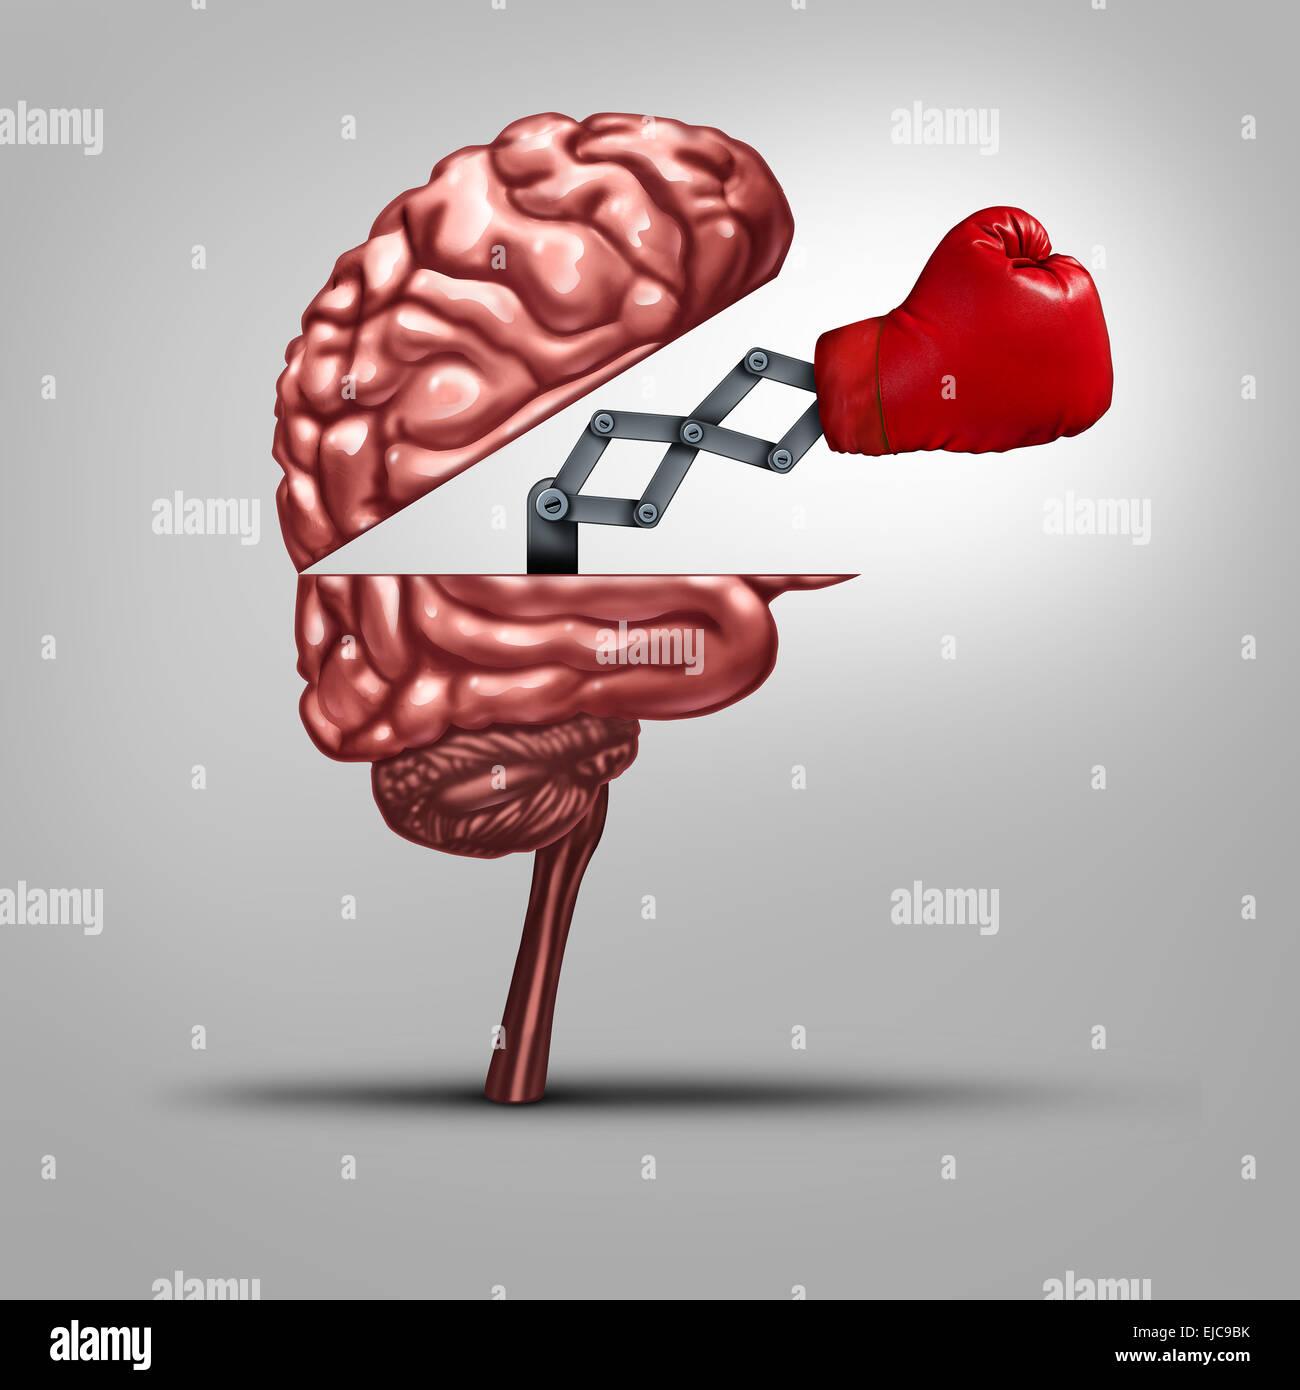 Fuerte símbolo de memoria y fuerza del cerebro como órgano del pensamiento humano abrió para revelar Imagen De Stock